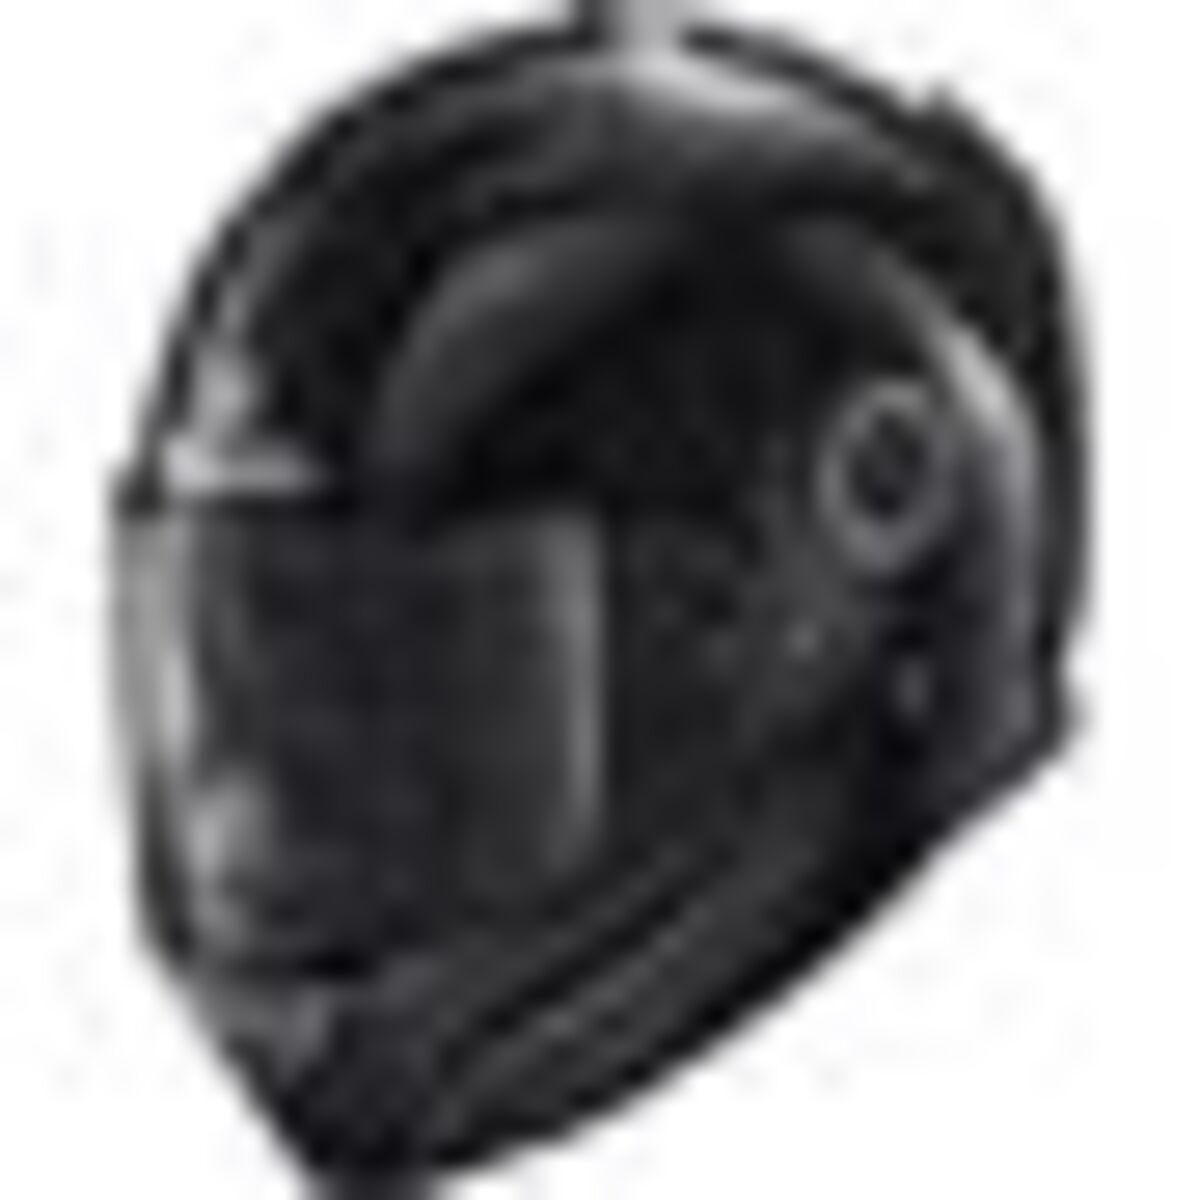 Bild 2 von Shark helmets            Spartan Karken Mat Black